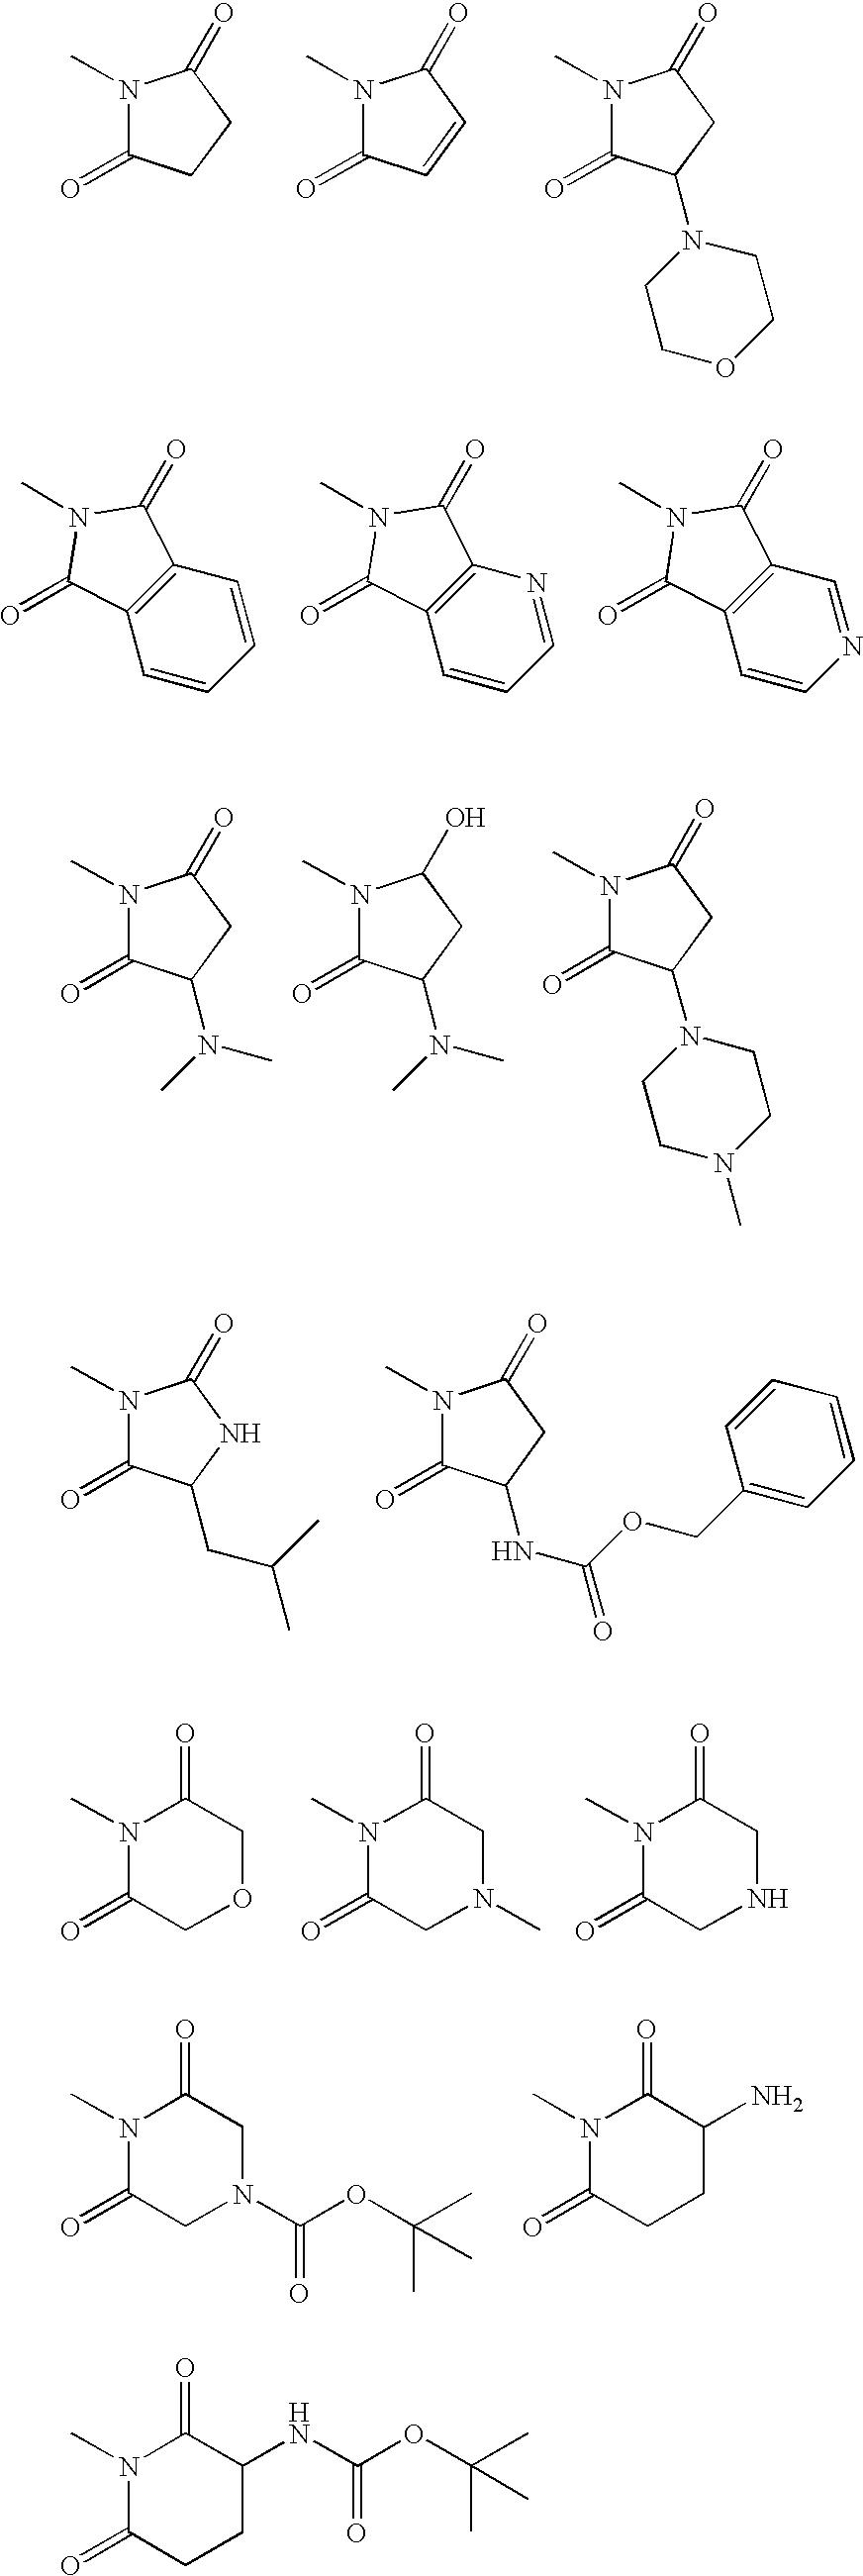 Figure US07045519-20060516-C00010